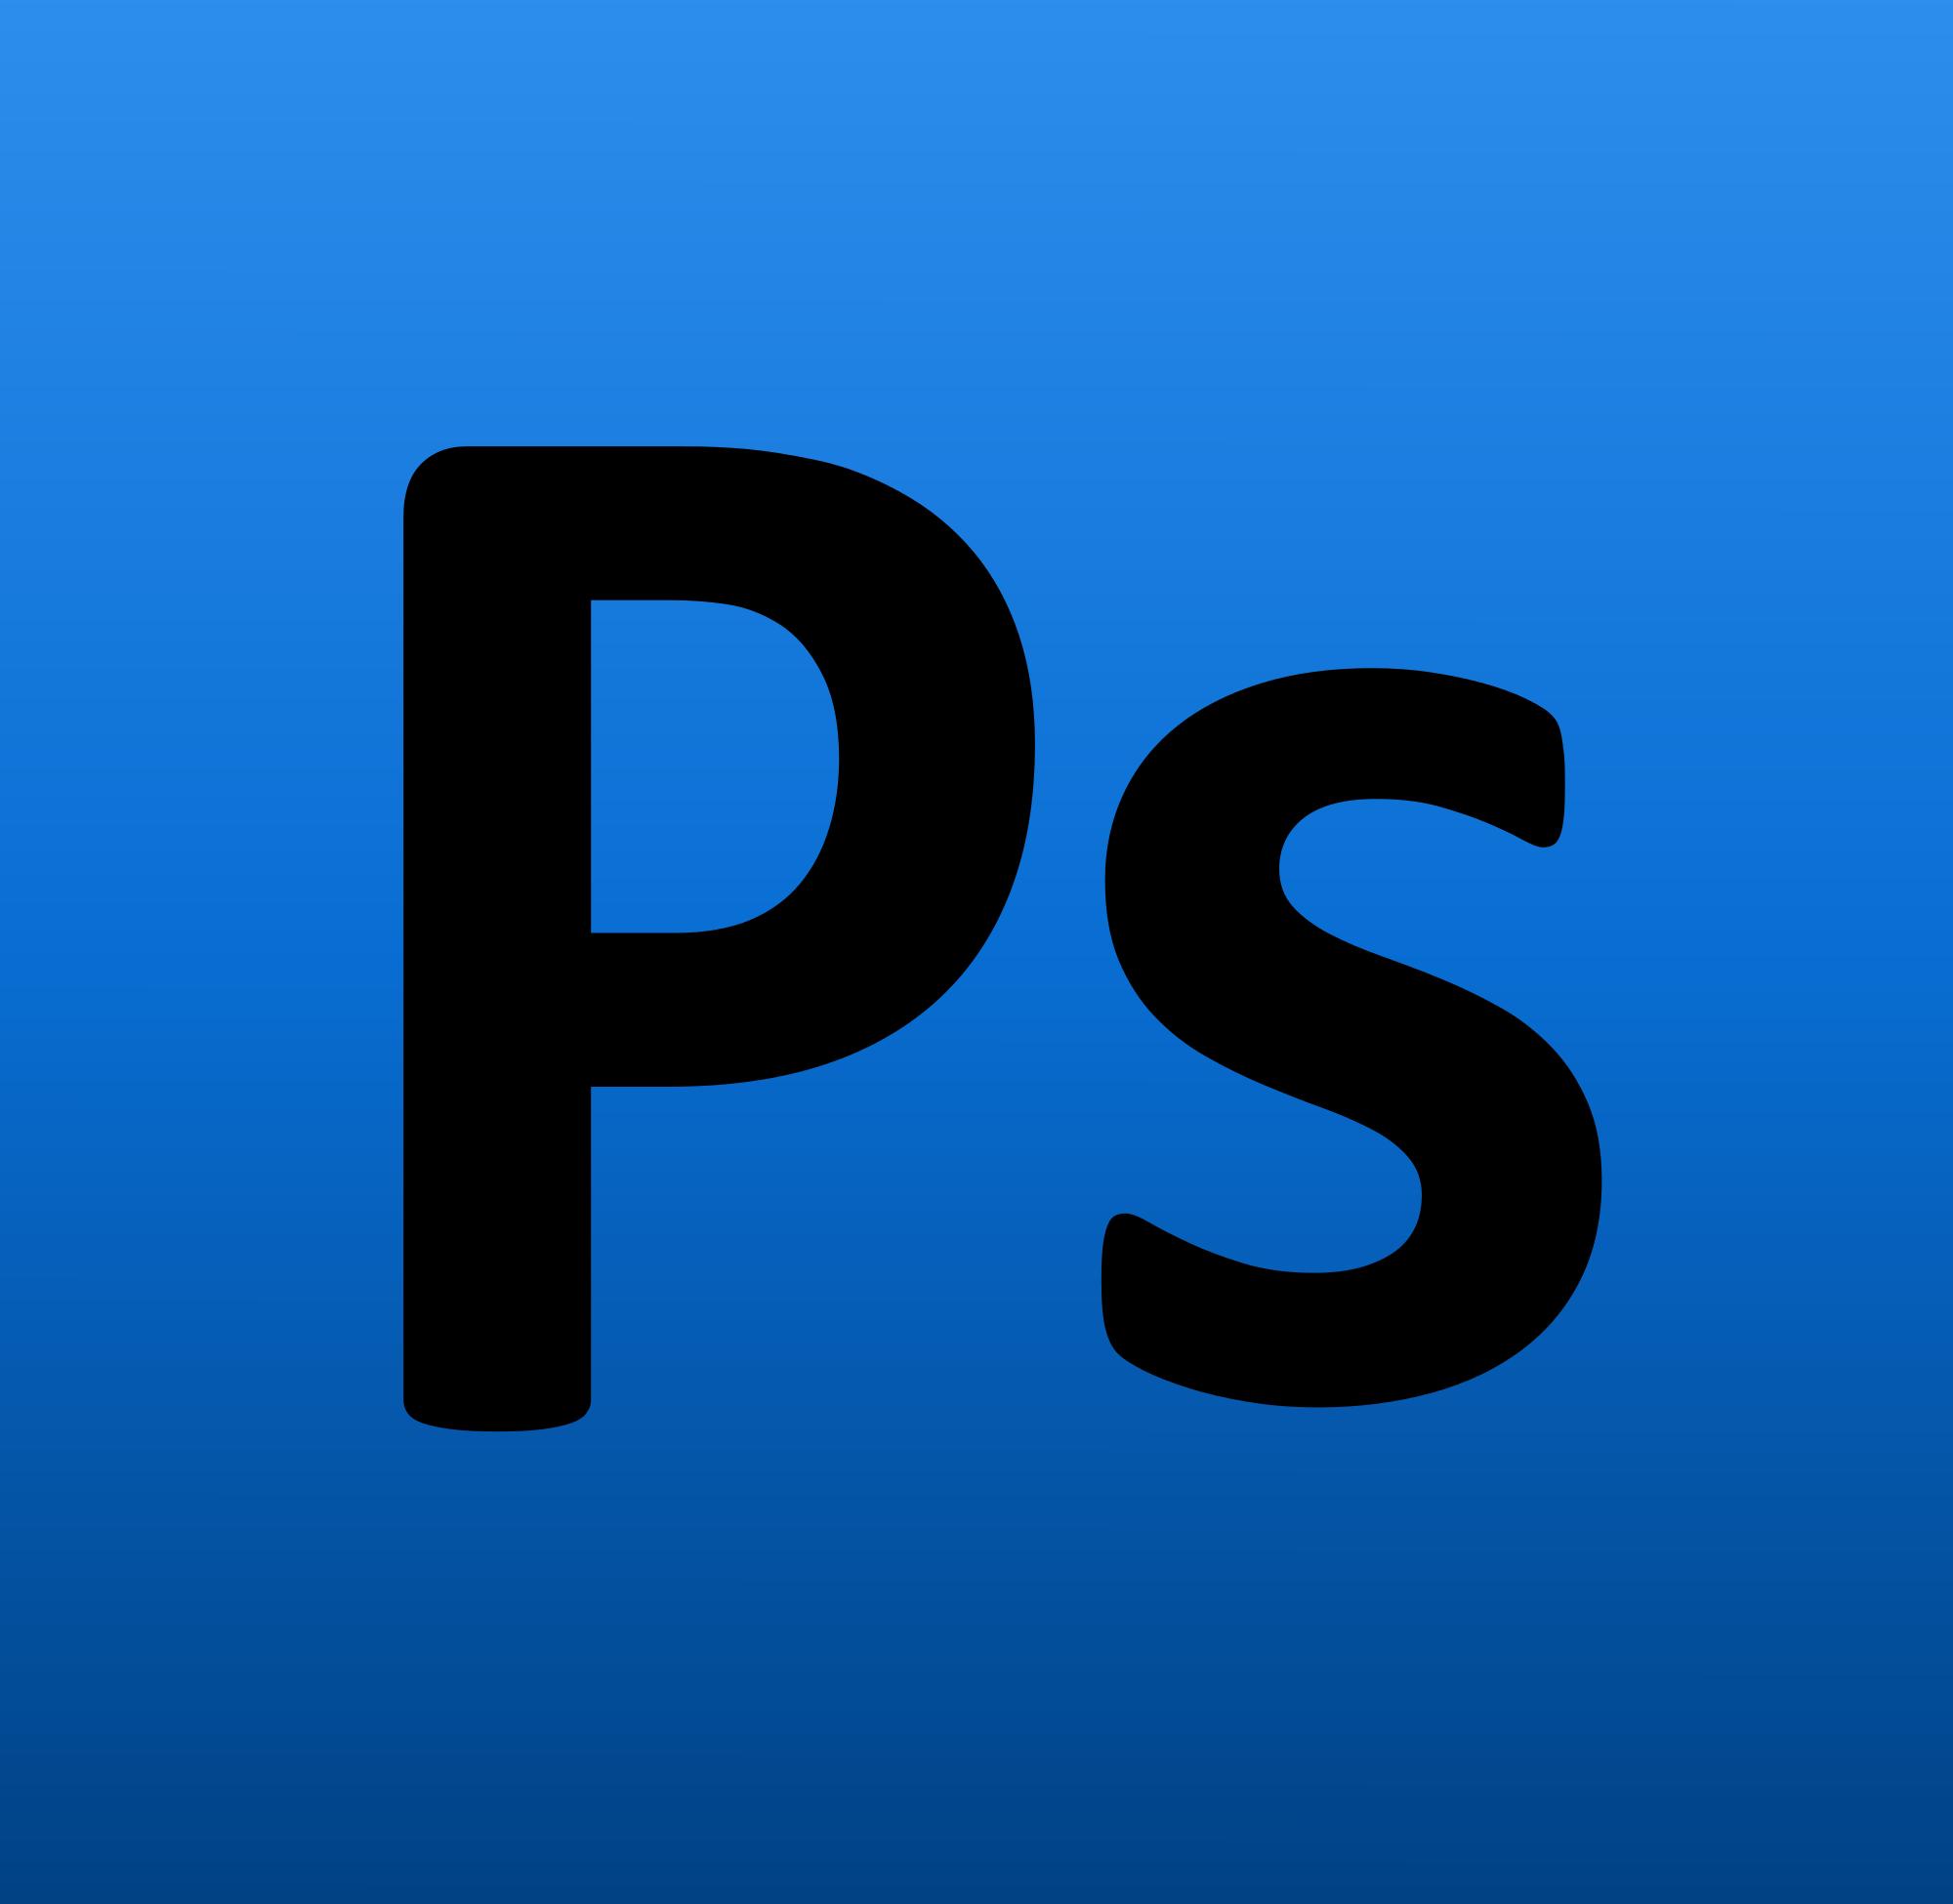 ৯৯ ডলারের কোর্সটি নেন ফ্রীতে-Adobe Photoshop Training Course